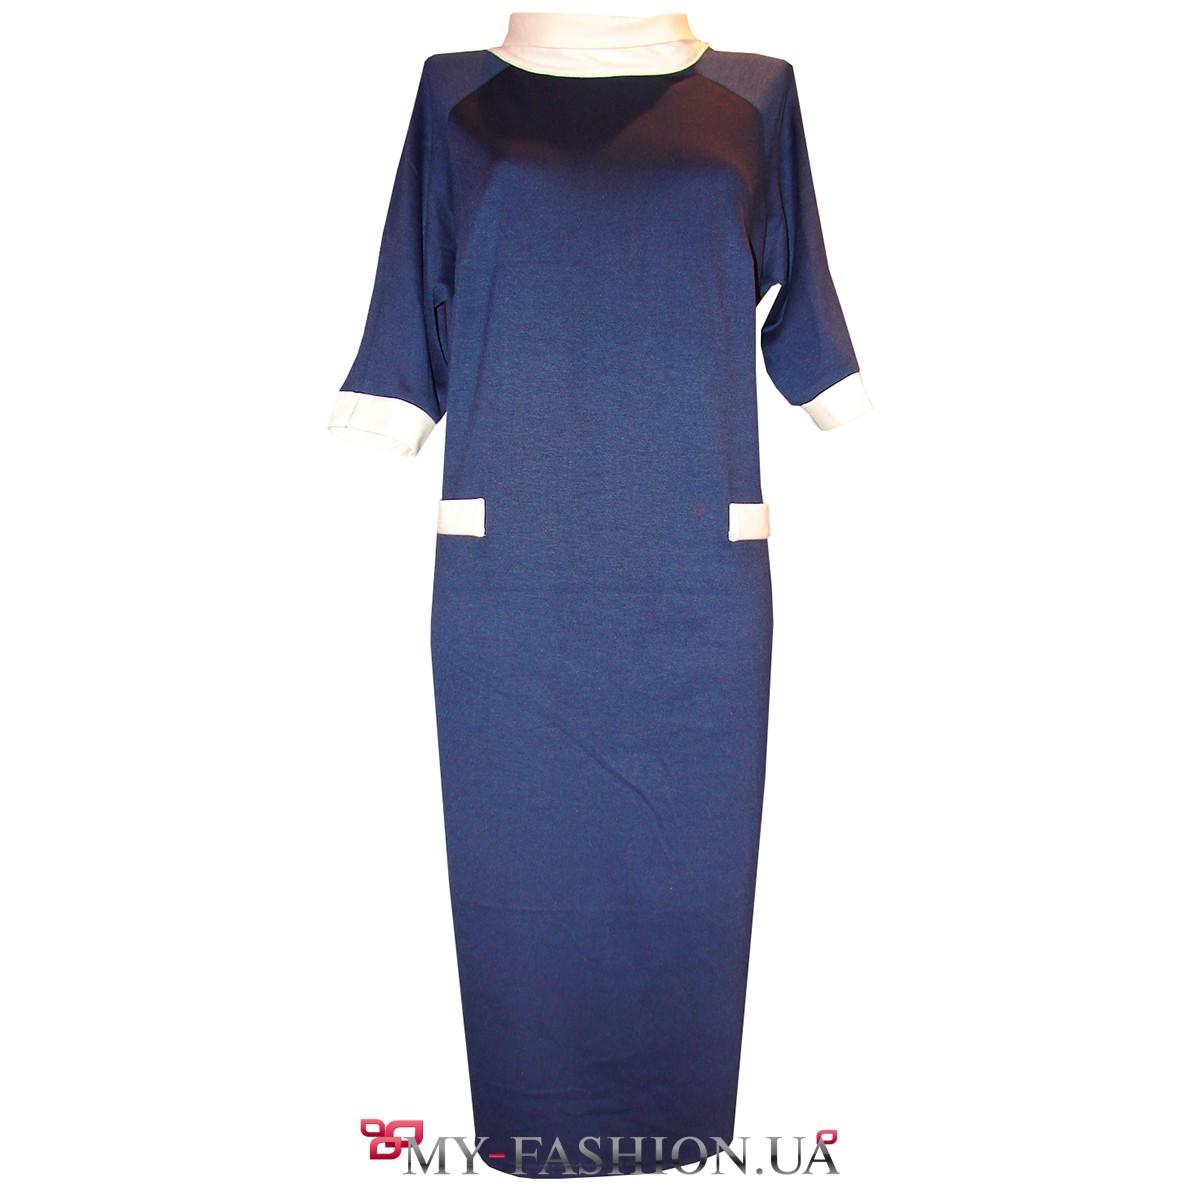 Платье Синее Трикотажное Купить